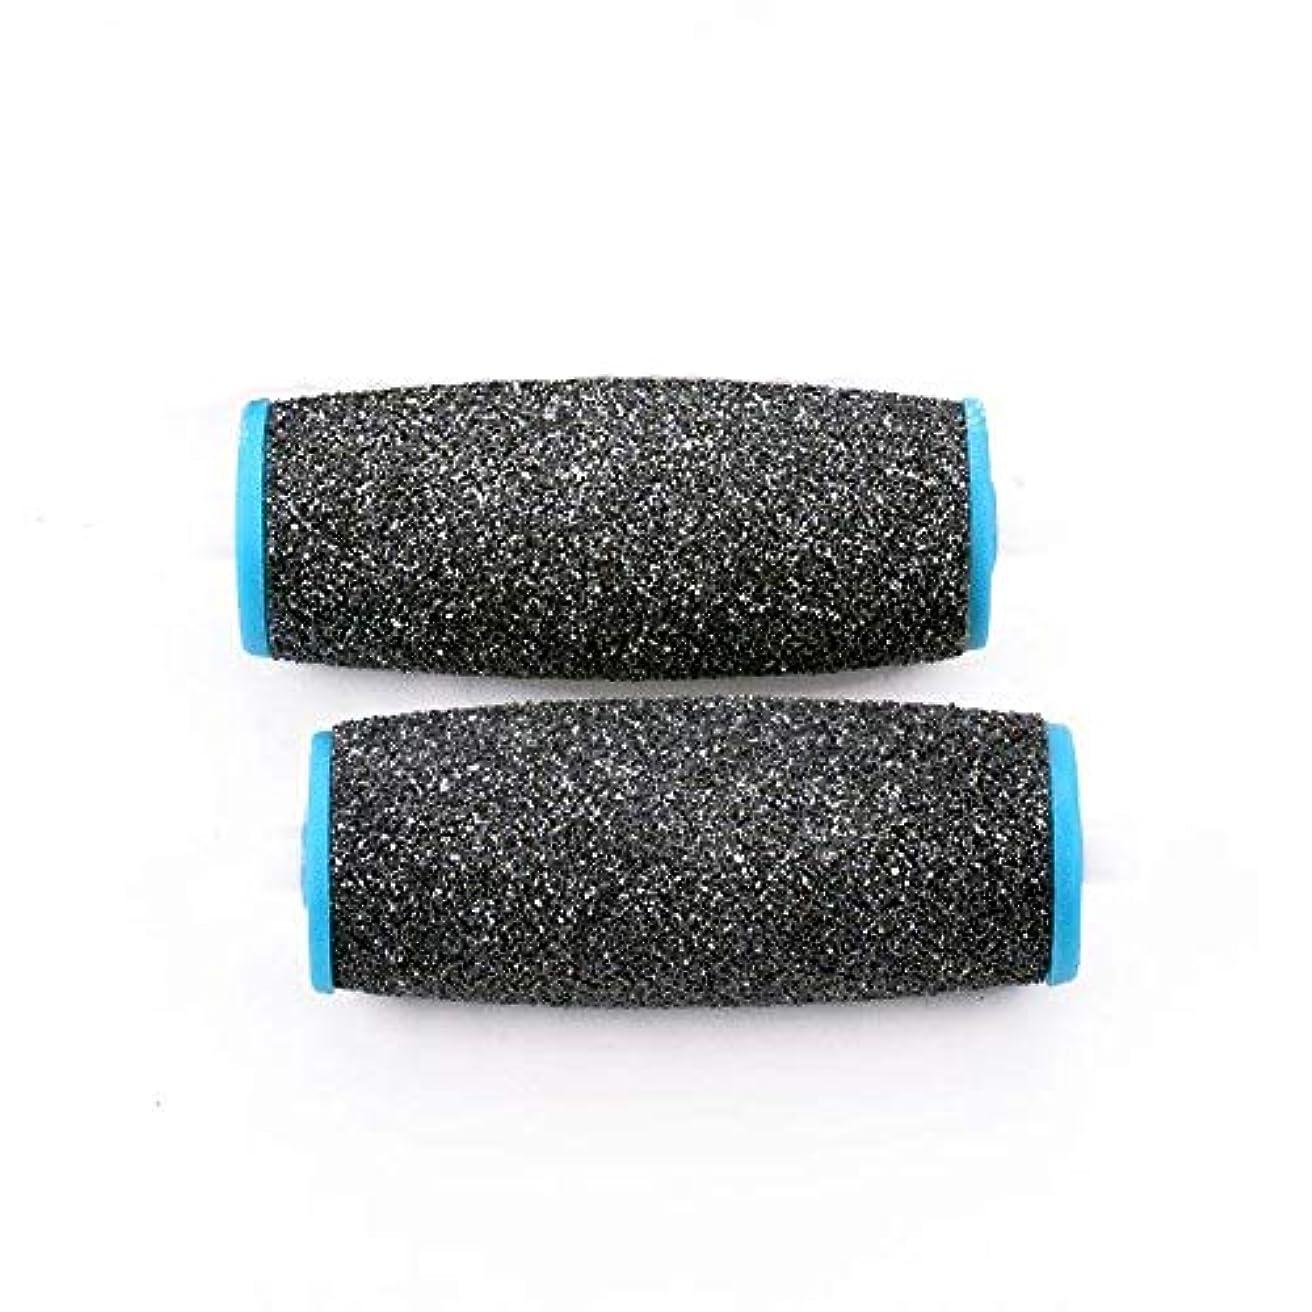 心配ハドル奇妙なViffly ベルベットスムーズ 電動角質リムーバー ダイヤモンド リフィル エキストラ かたい角質用 2個セット (ブラック+ブルー)